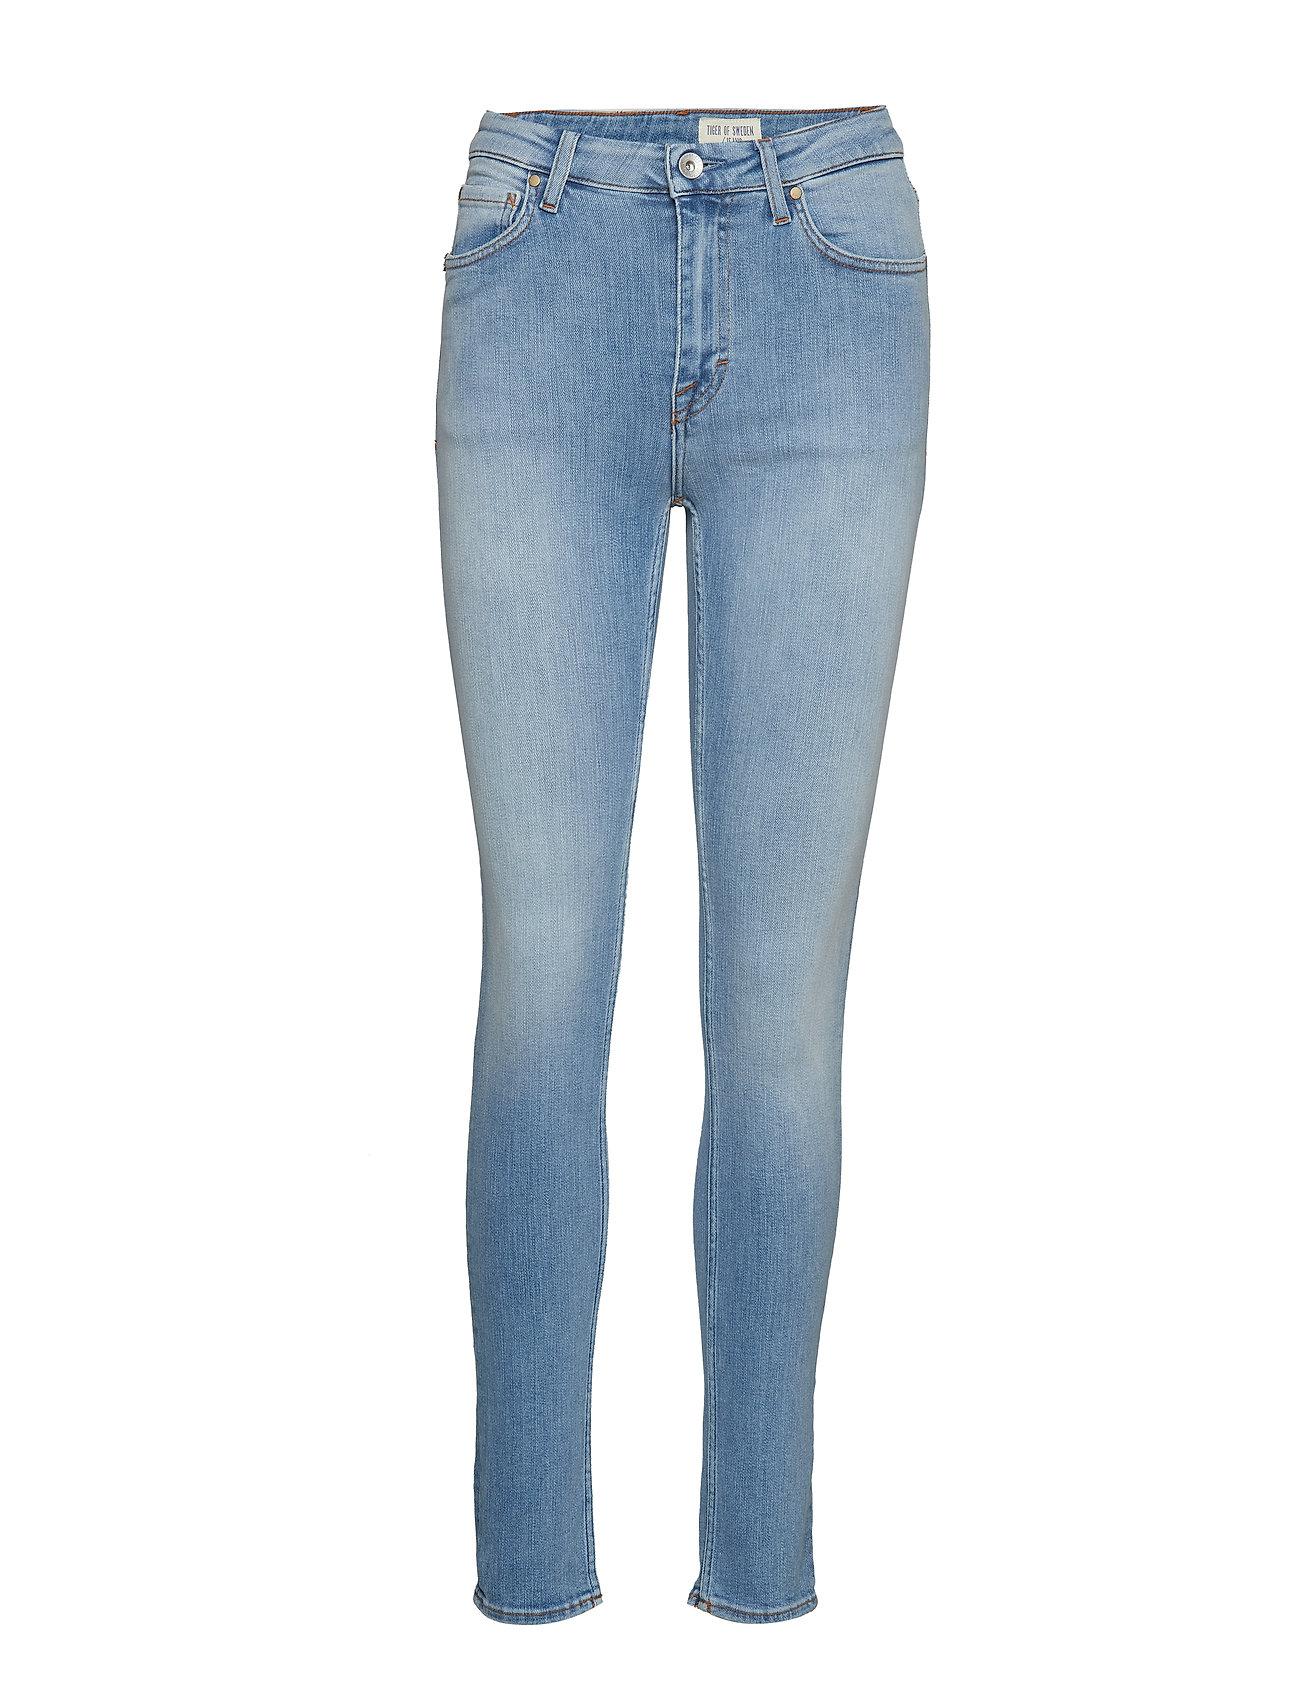 b20e1d2d Shelly (Light Blue) (129 €) - Tiger of Sweden Jeans - | Boozt.com